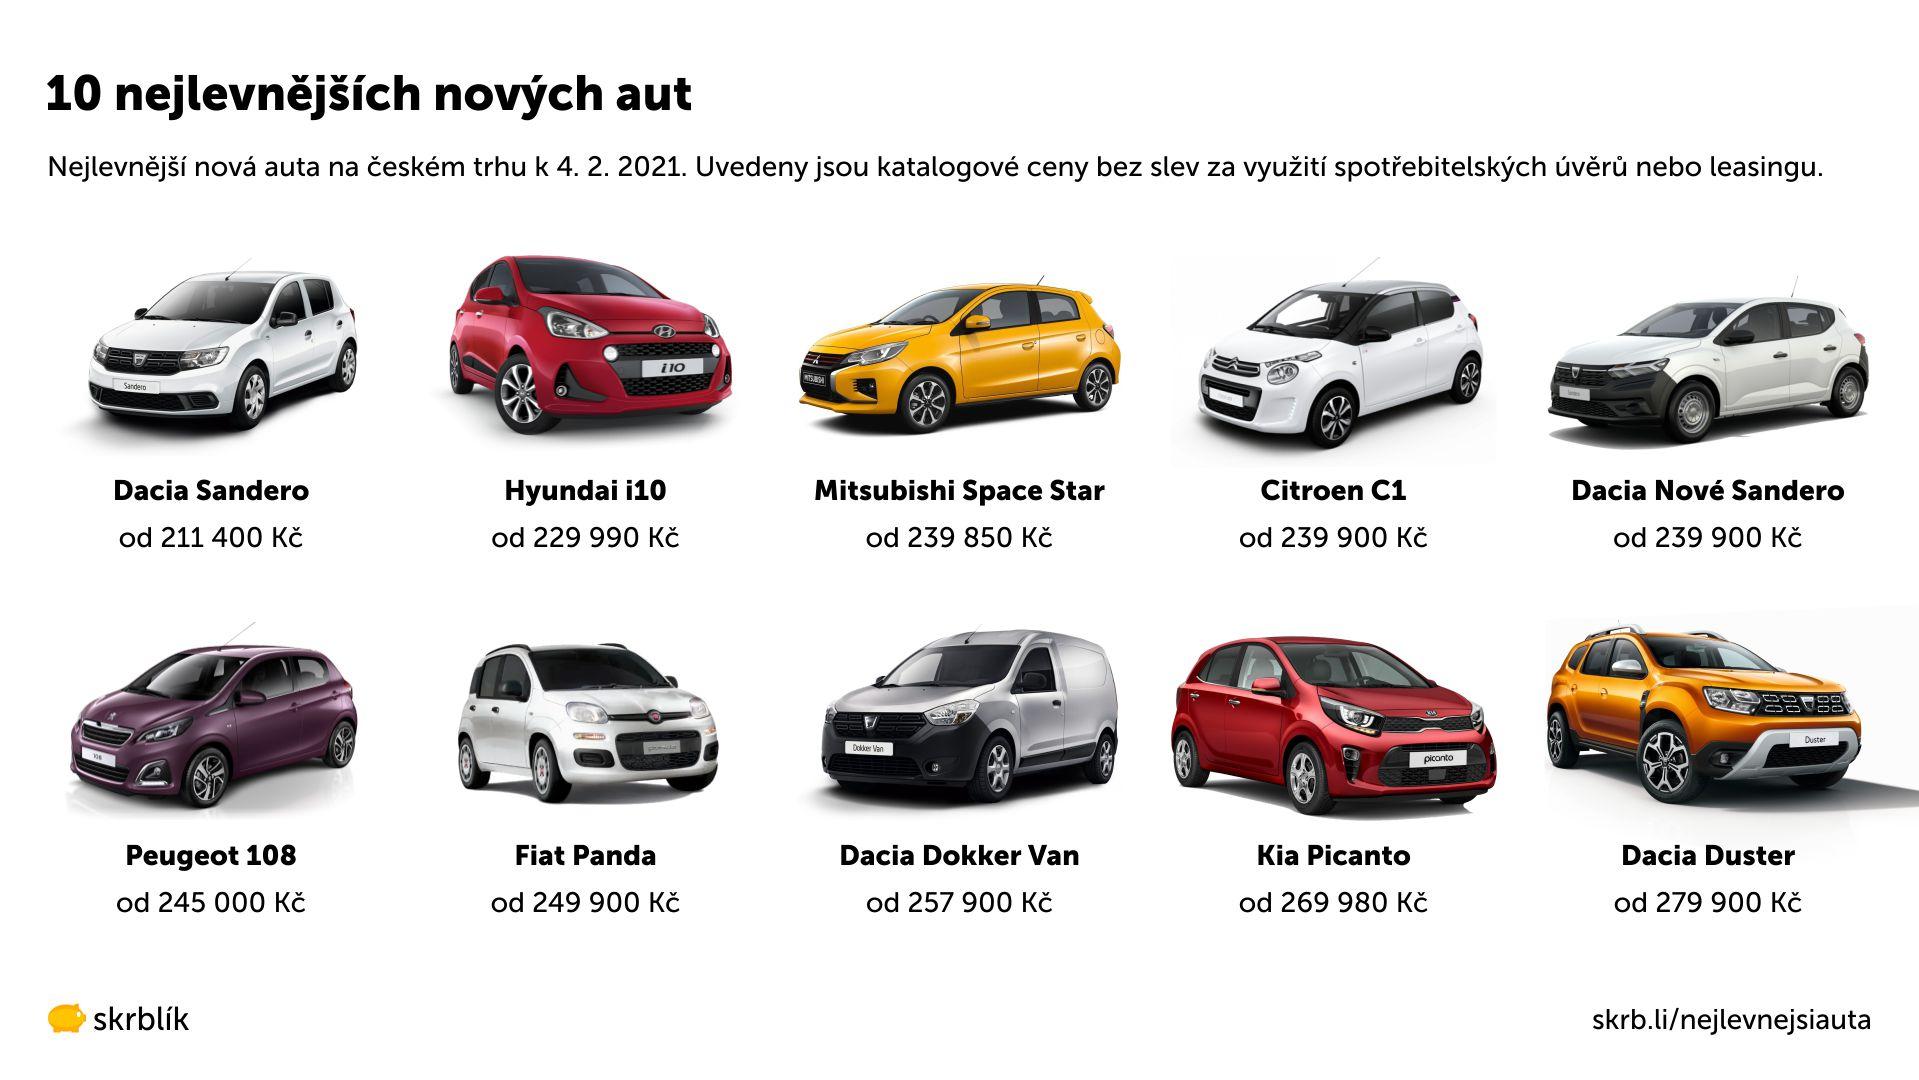 Nejlevnější nové auto 2021: 10 modelů scenou od 211400Kč